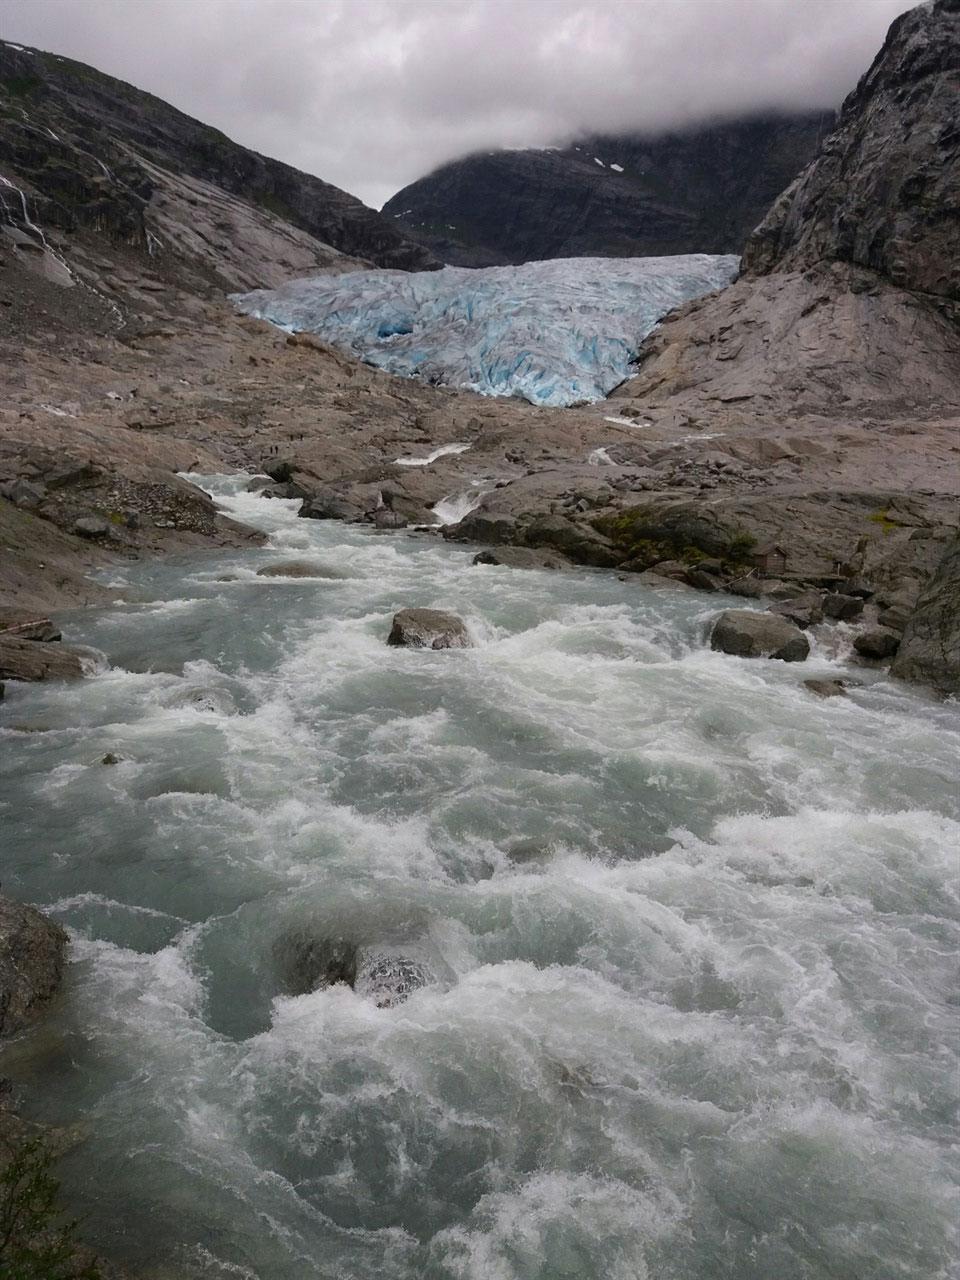 노르웨이 빙하 빙하가 흐르는 강